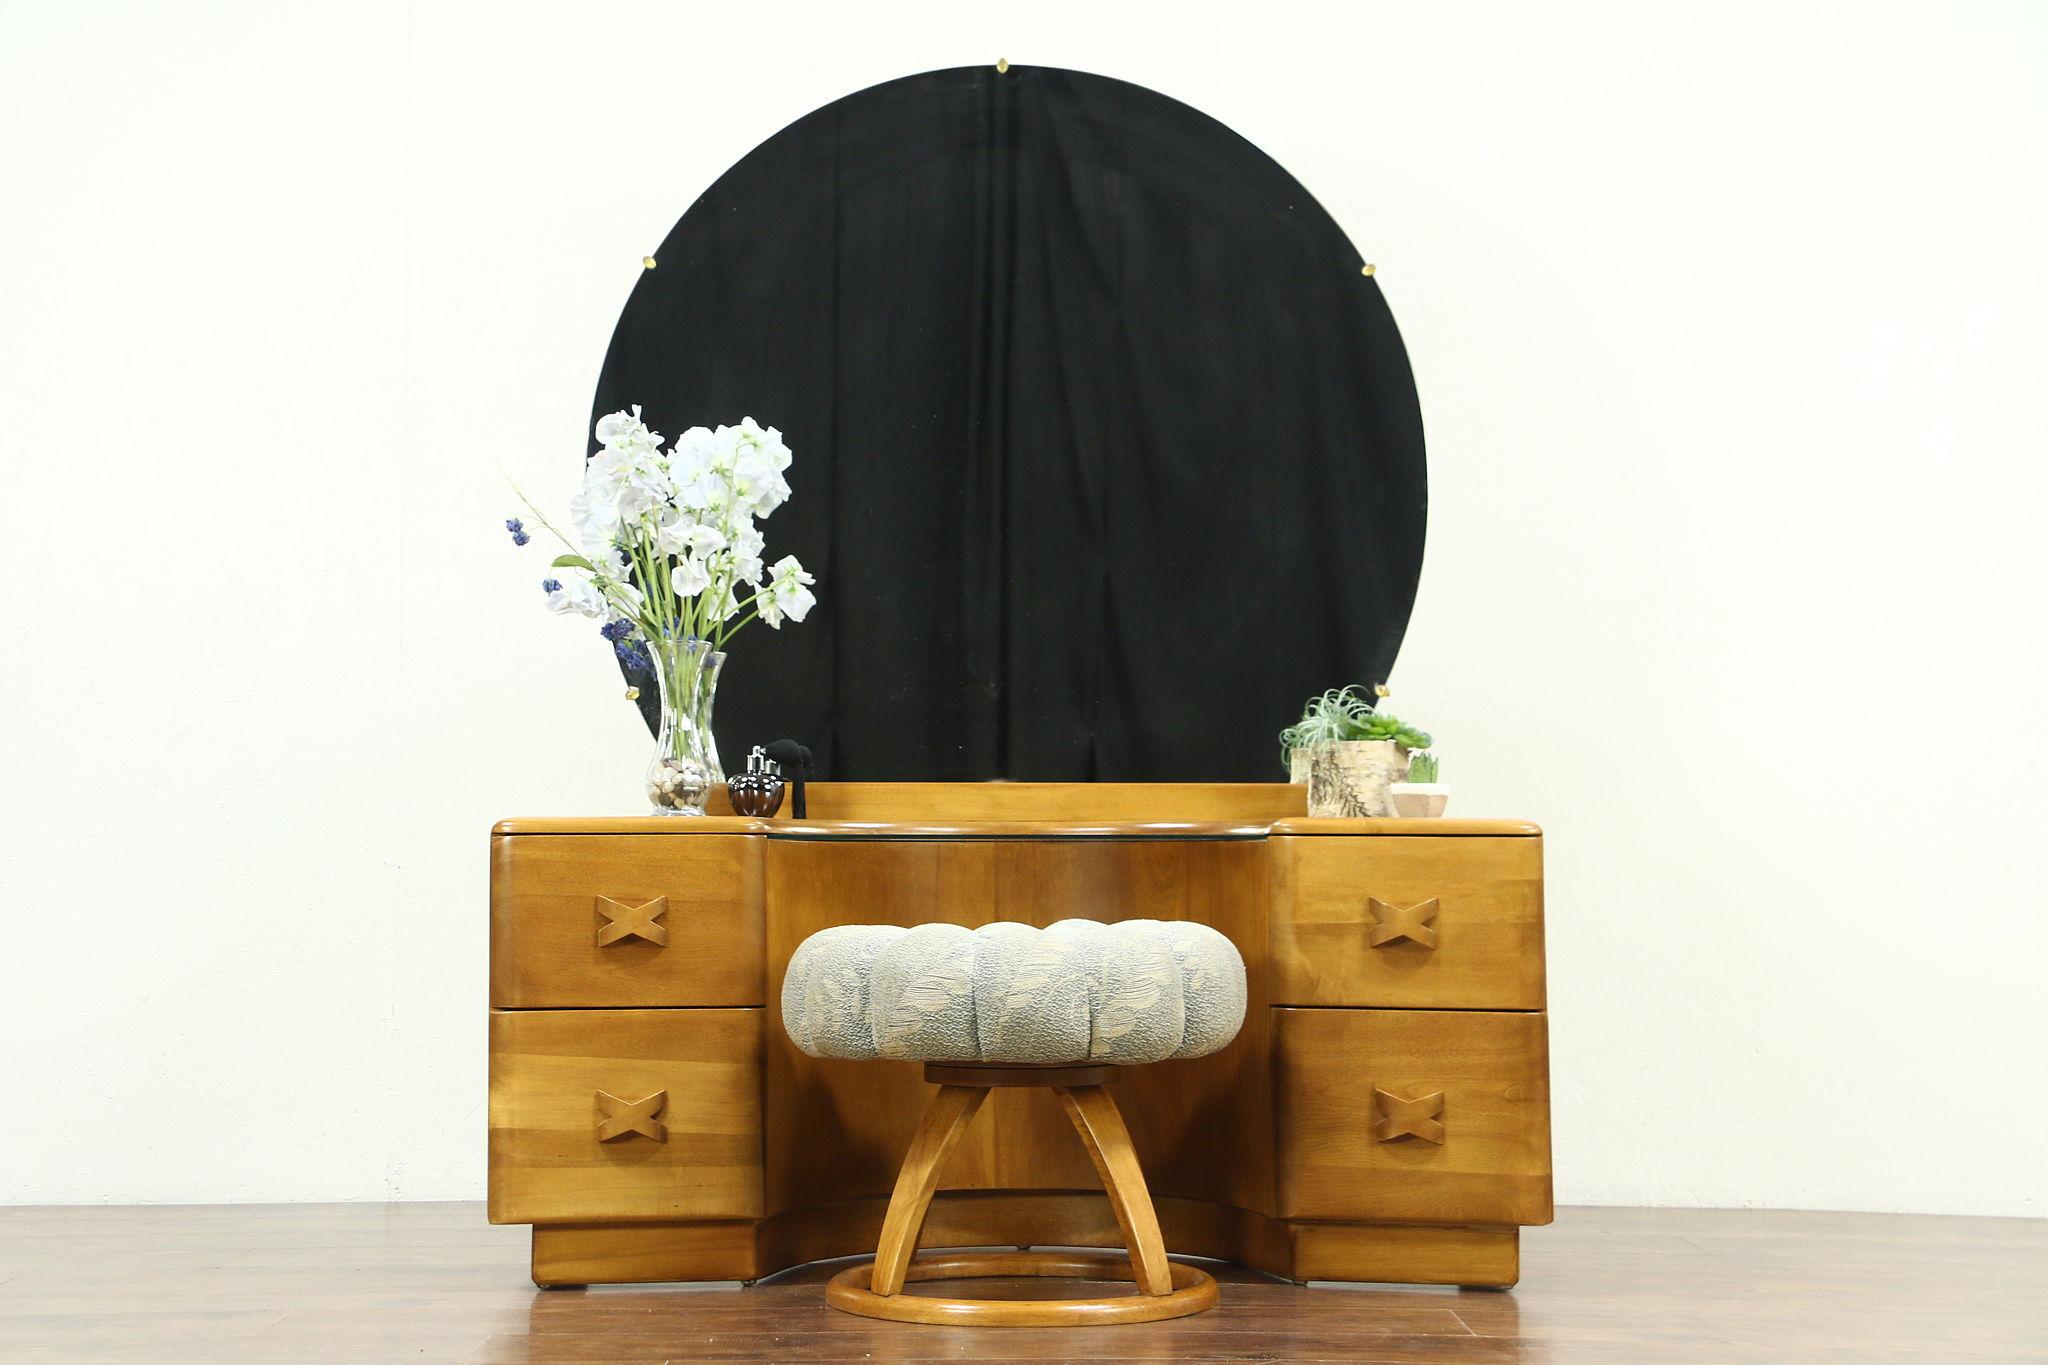 Sold Midcentury Modern Vintage Vanity Or Dressing Table Stool Heywood Wakefield Harp Gallery Antiques Furniture